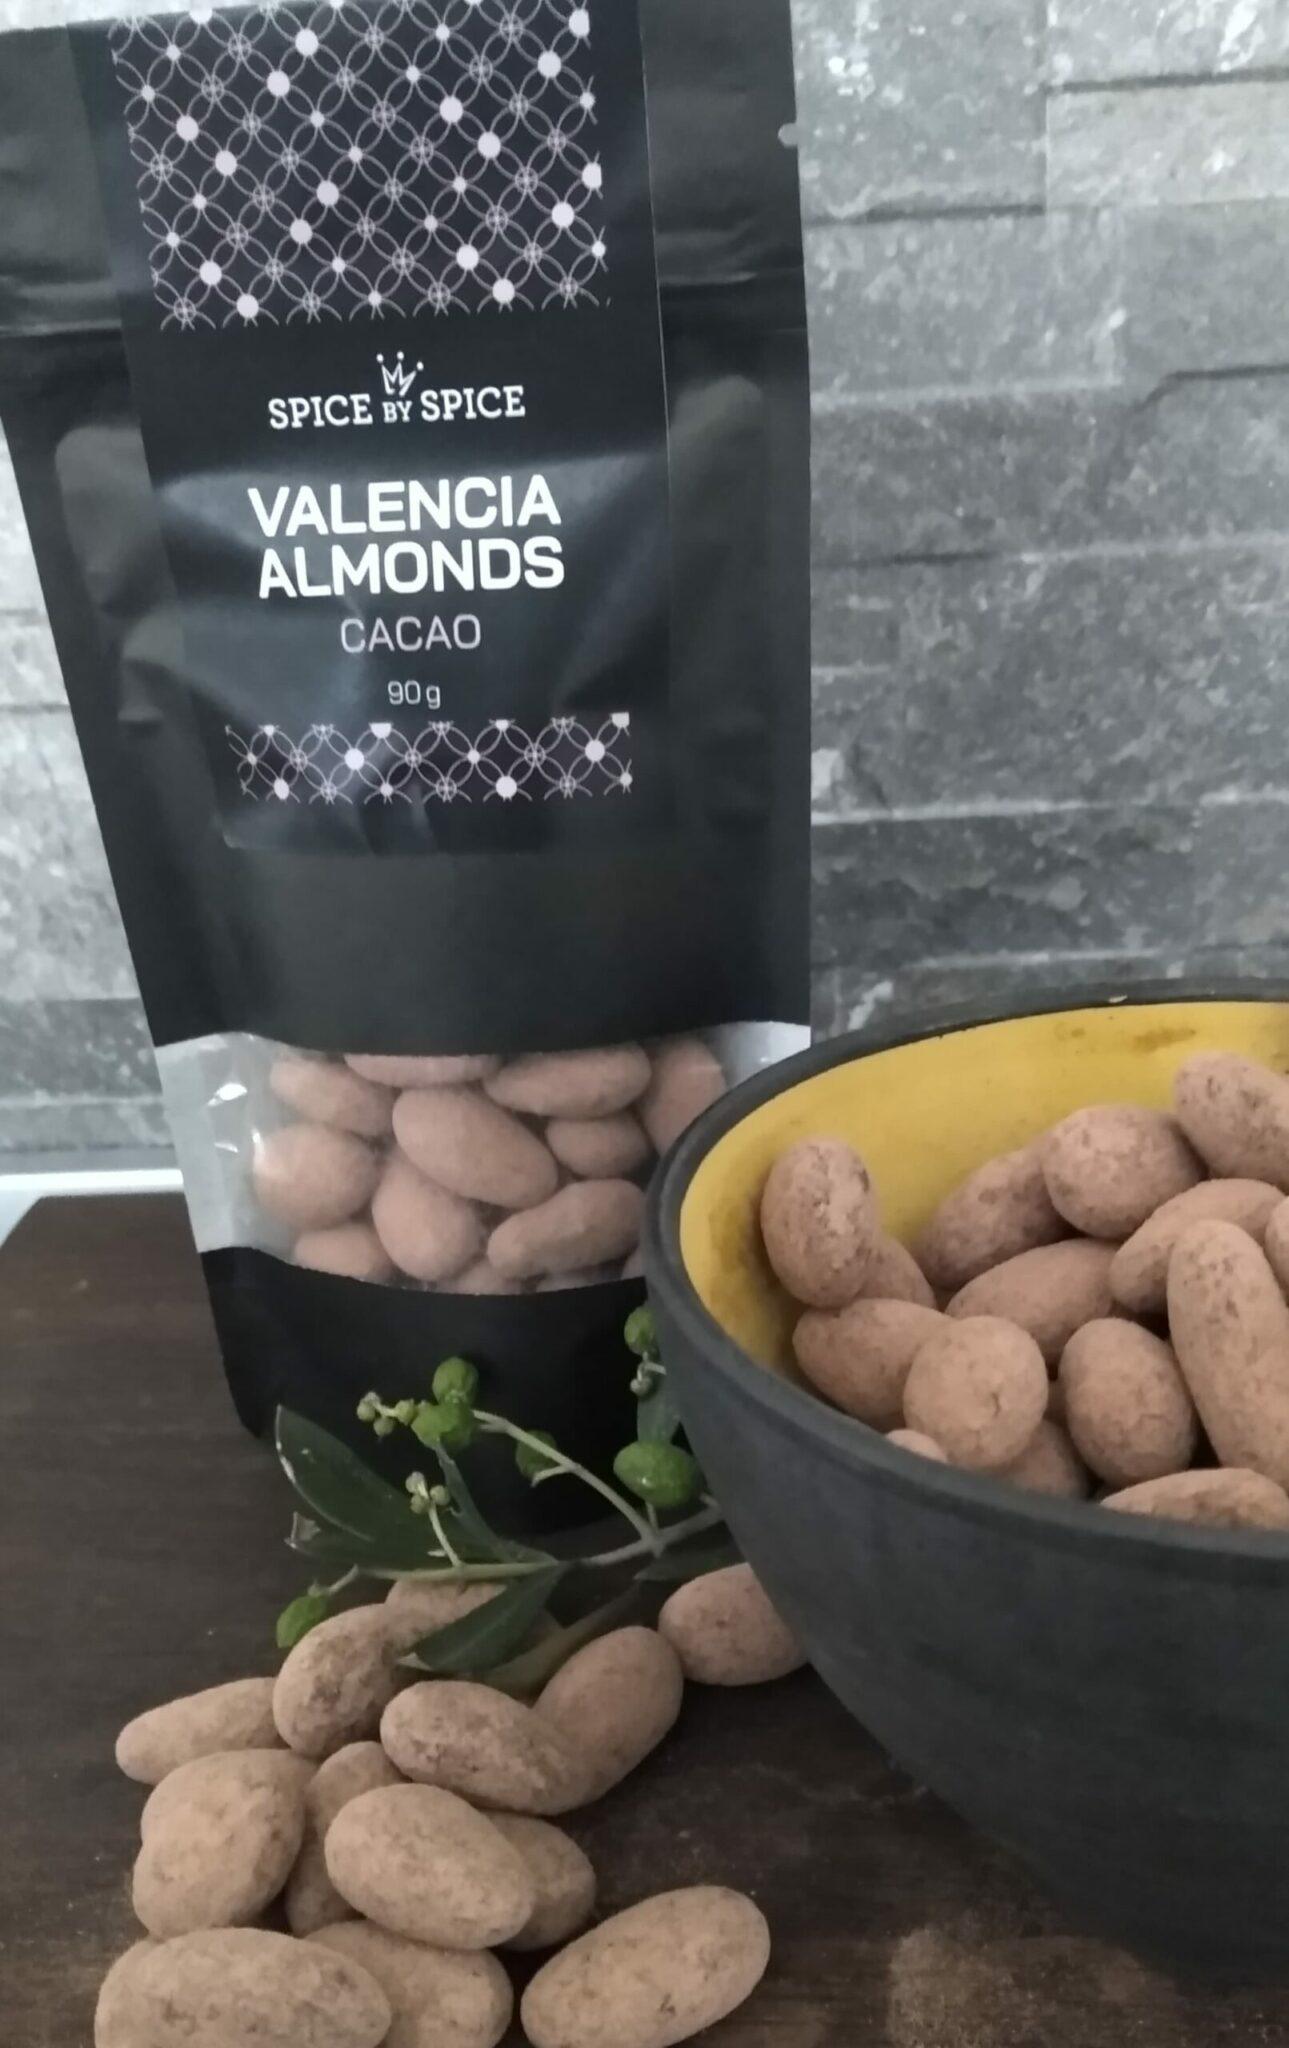 cacaomandler fra valencia området i Spanien. De er anrettet i en gul skål på et bræt